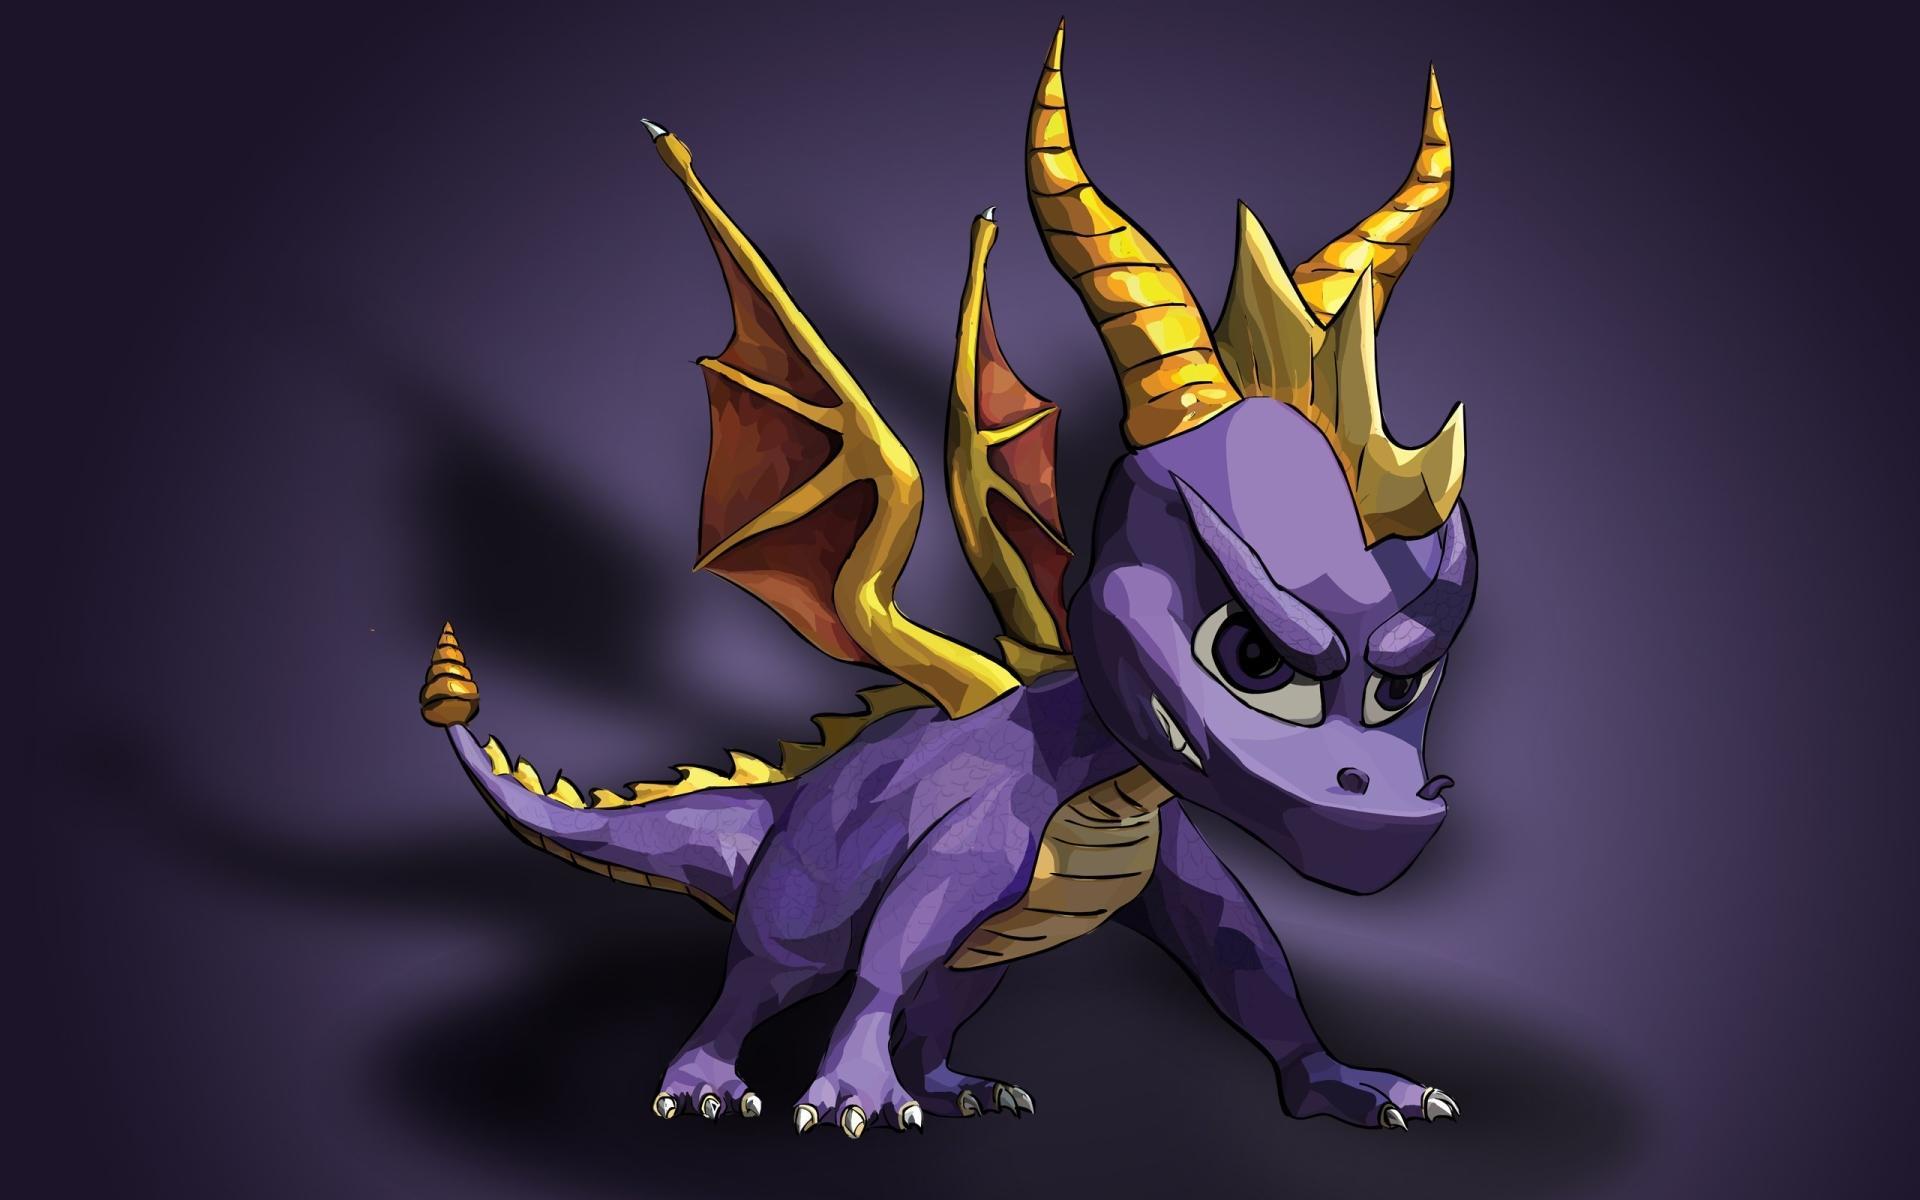 Spyro the dragon wallpaper hd download - Spyro wallpaper ...